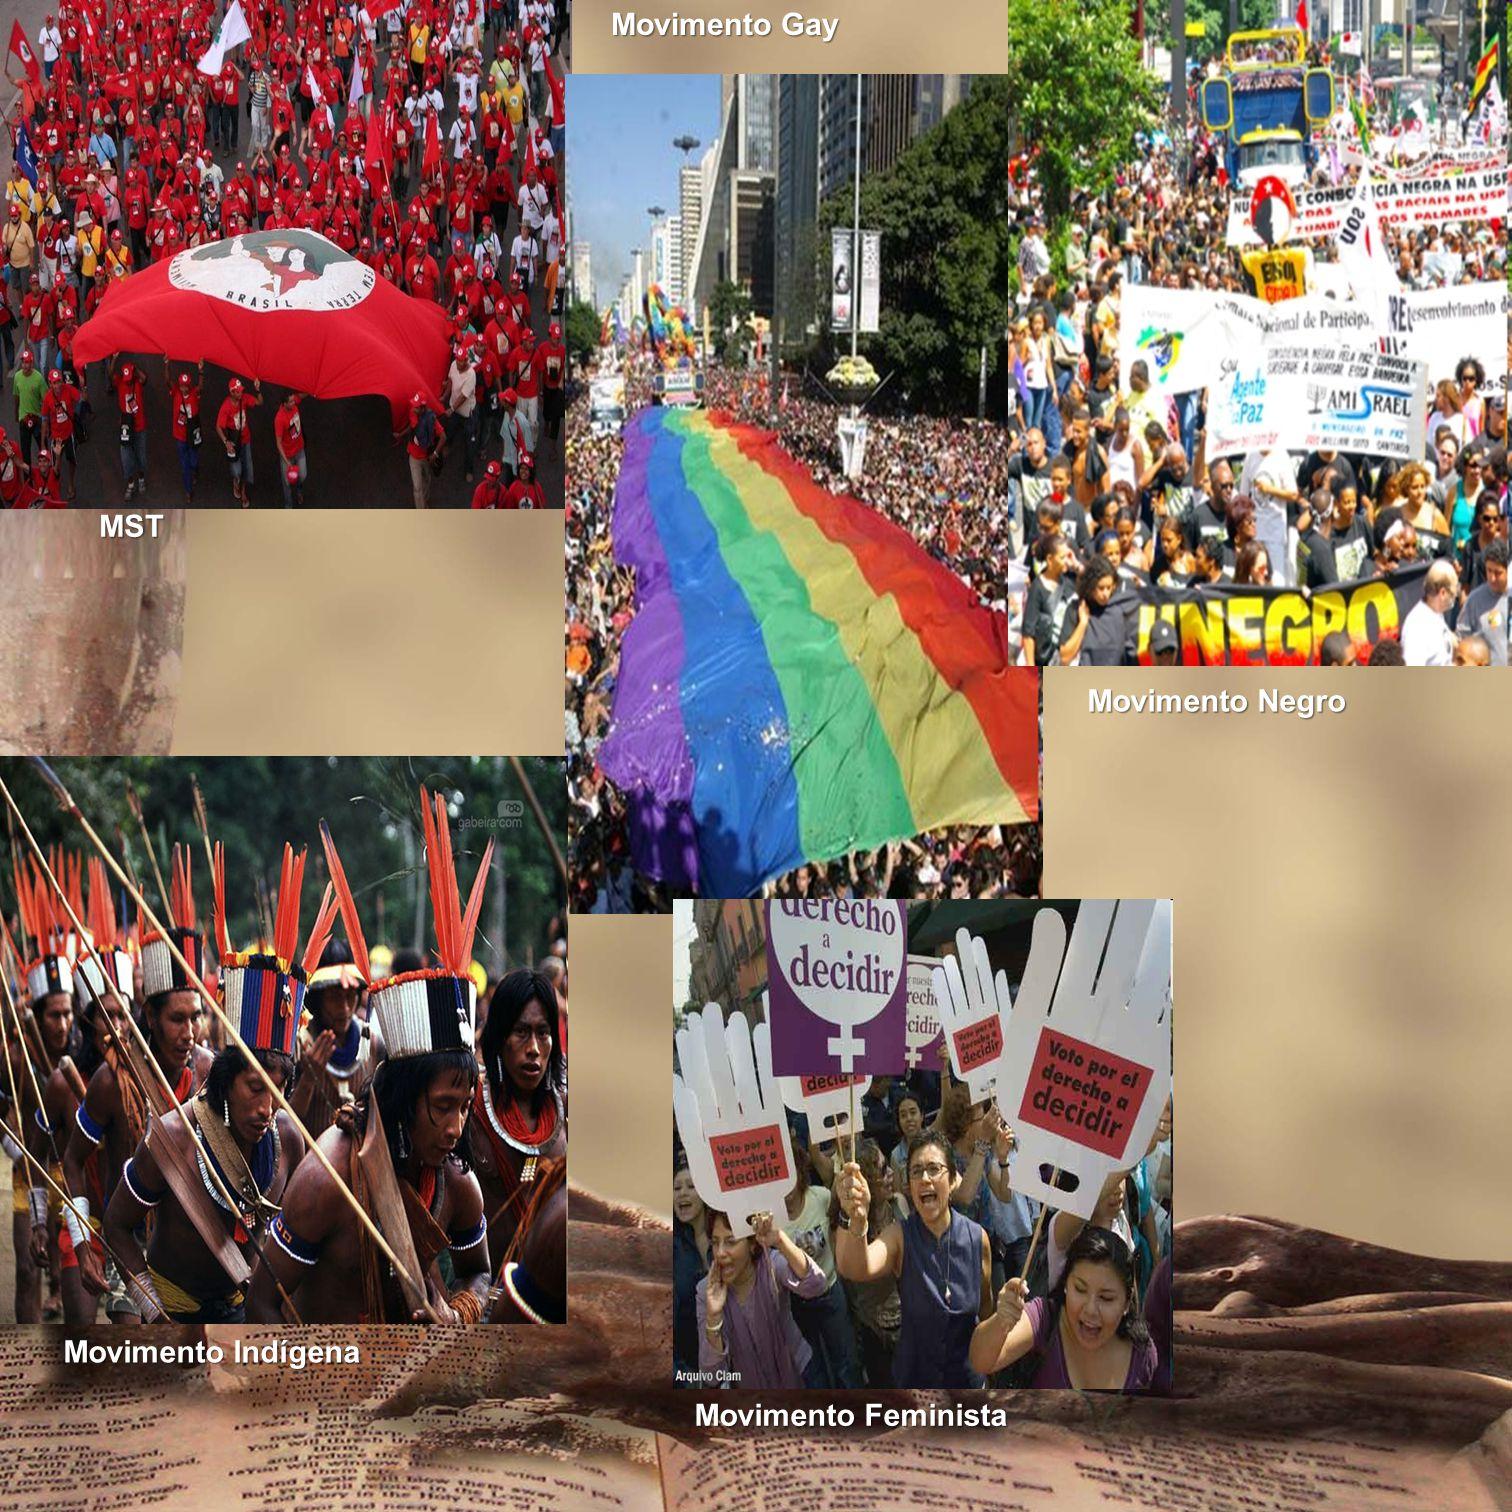 Movimento Gay MST Movimento Negro Movimento Indígena